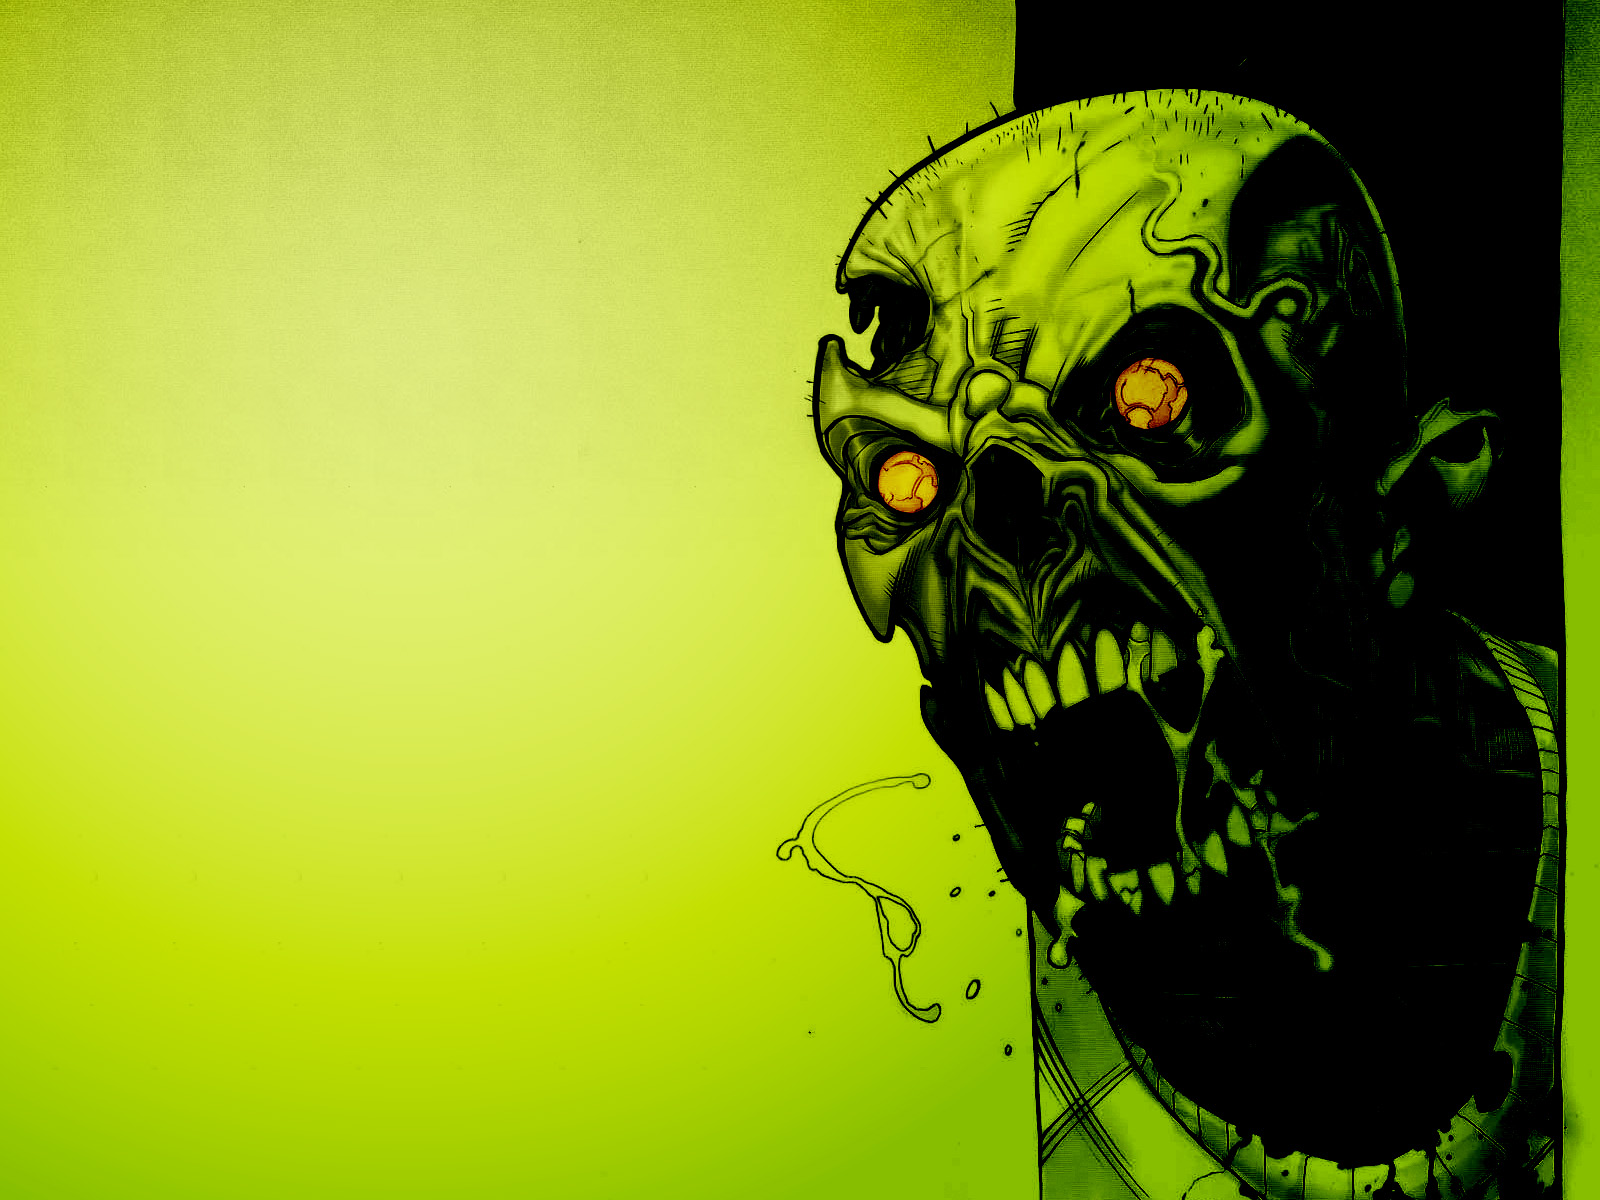 http://1.bp.blogspot.com/-KZgzdWwK5zY/TazP3MhCiGI/AAAAAAAAB1U/3XFo525BPyo/s1600/horror-wallpaper.jpg